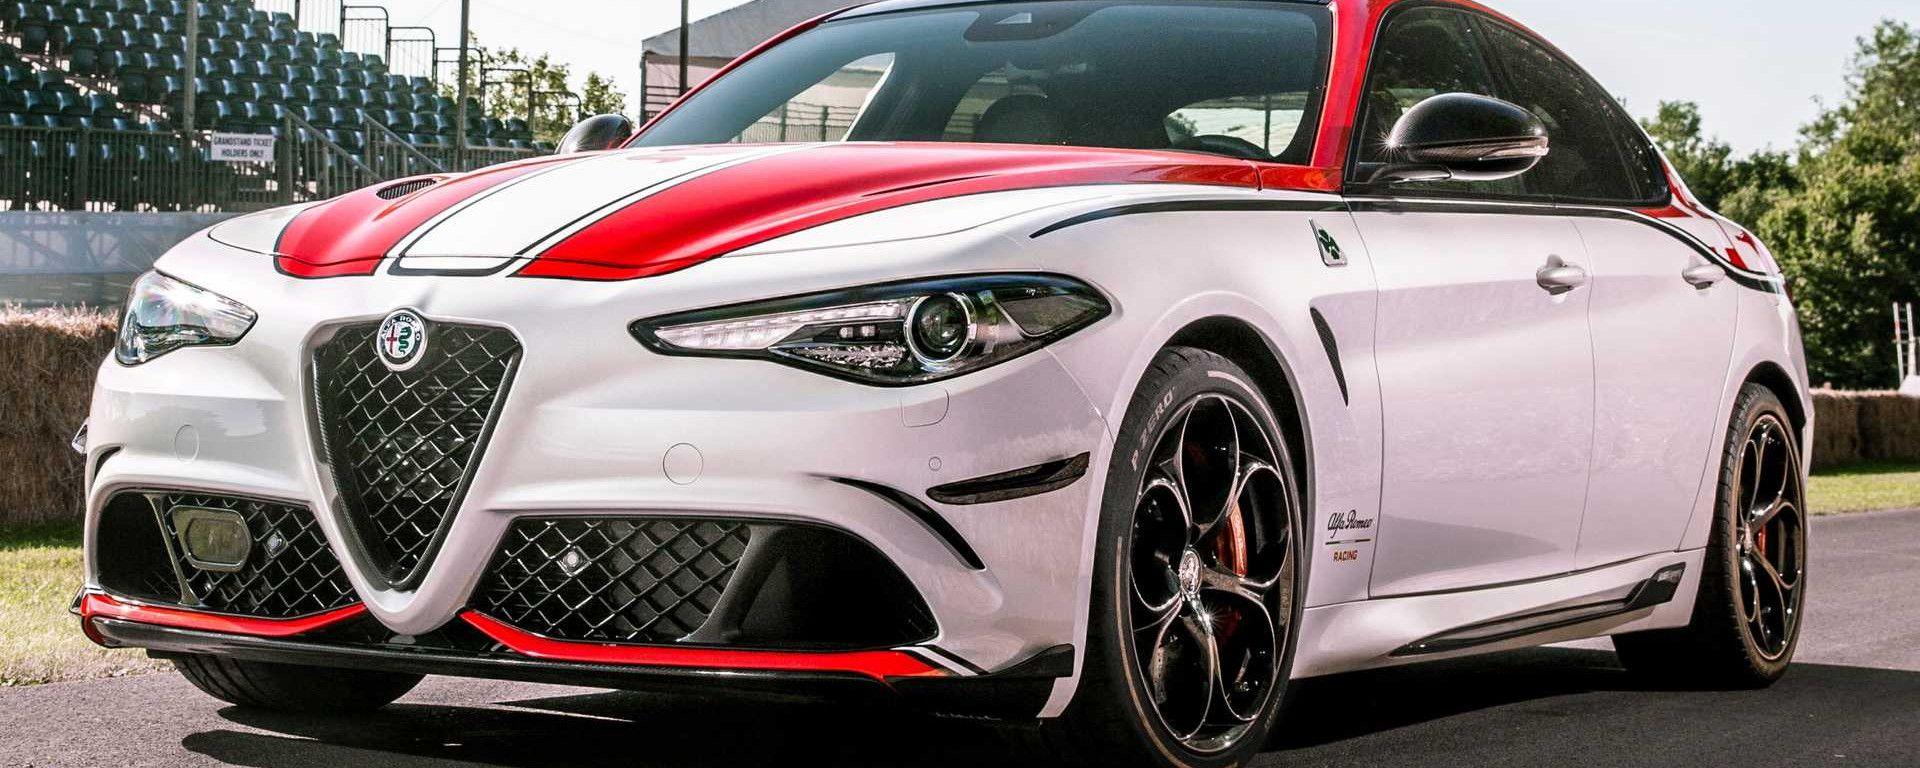 Alfa Romeo Giulia GTA a Ginevra 2020?